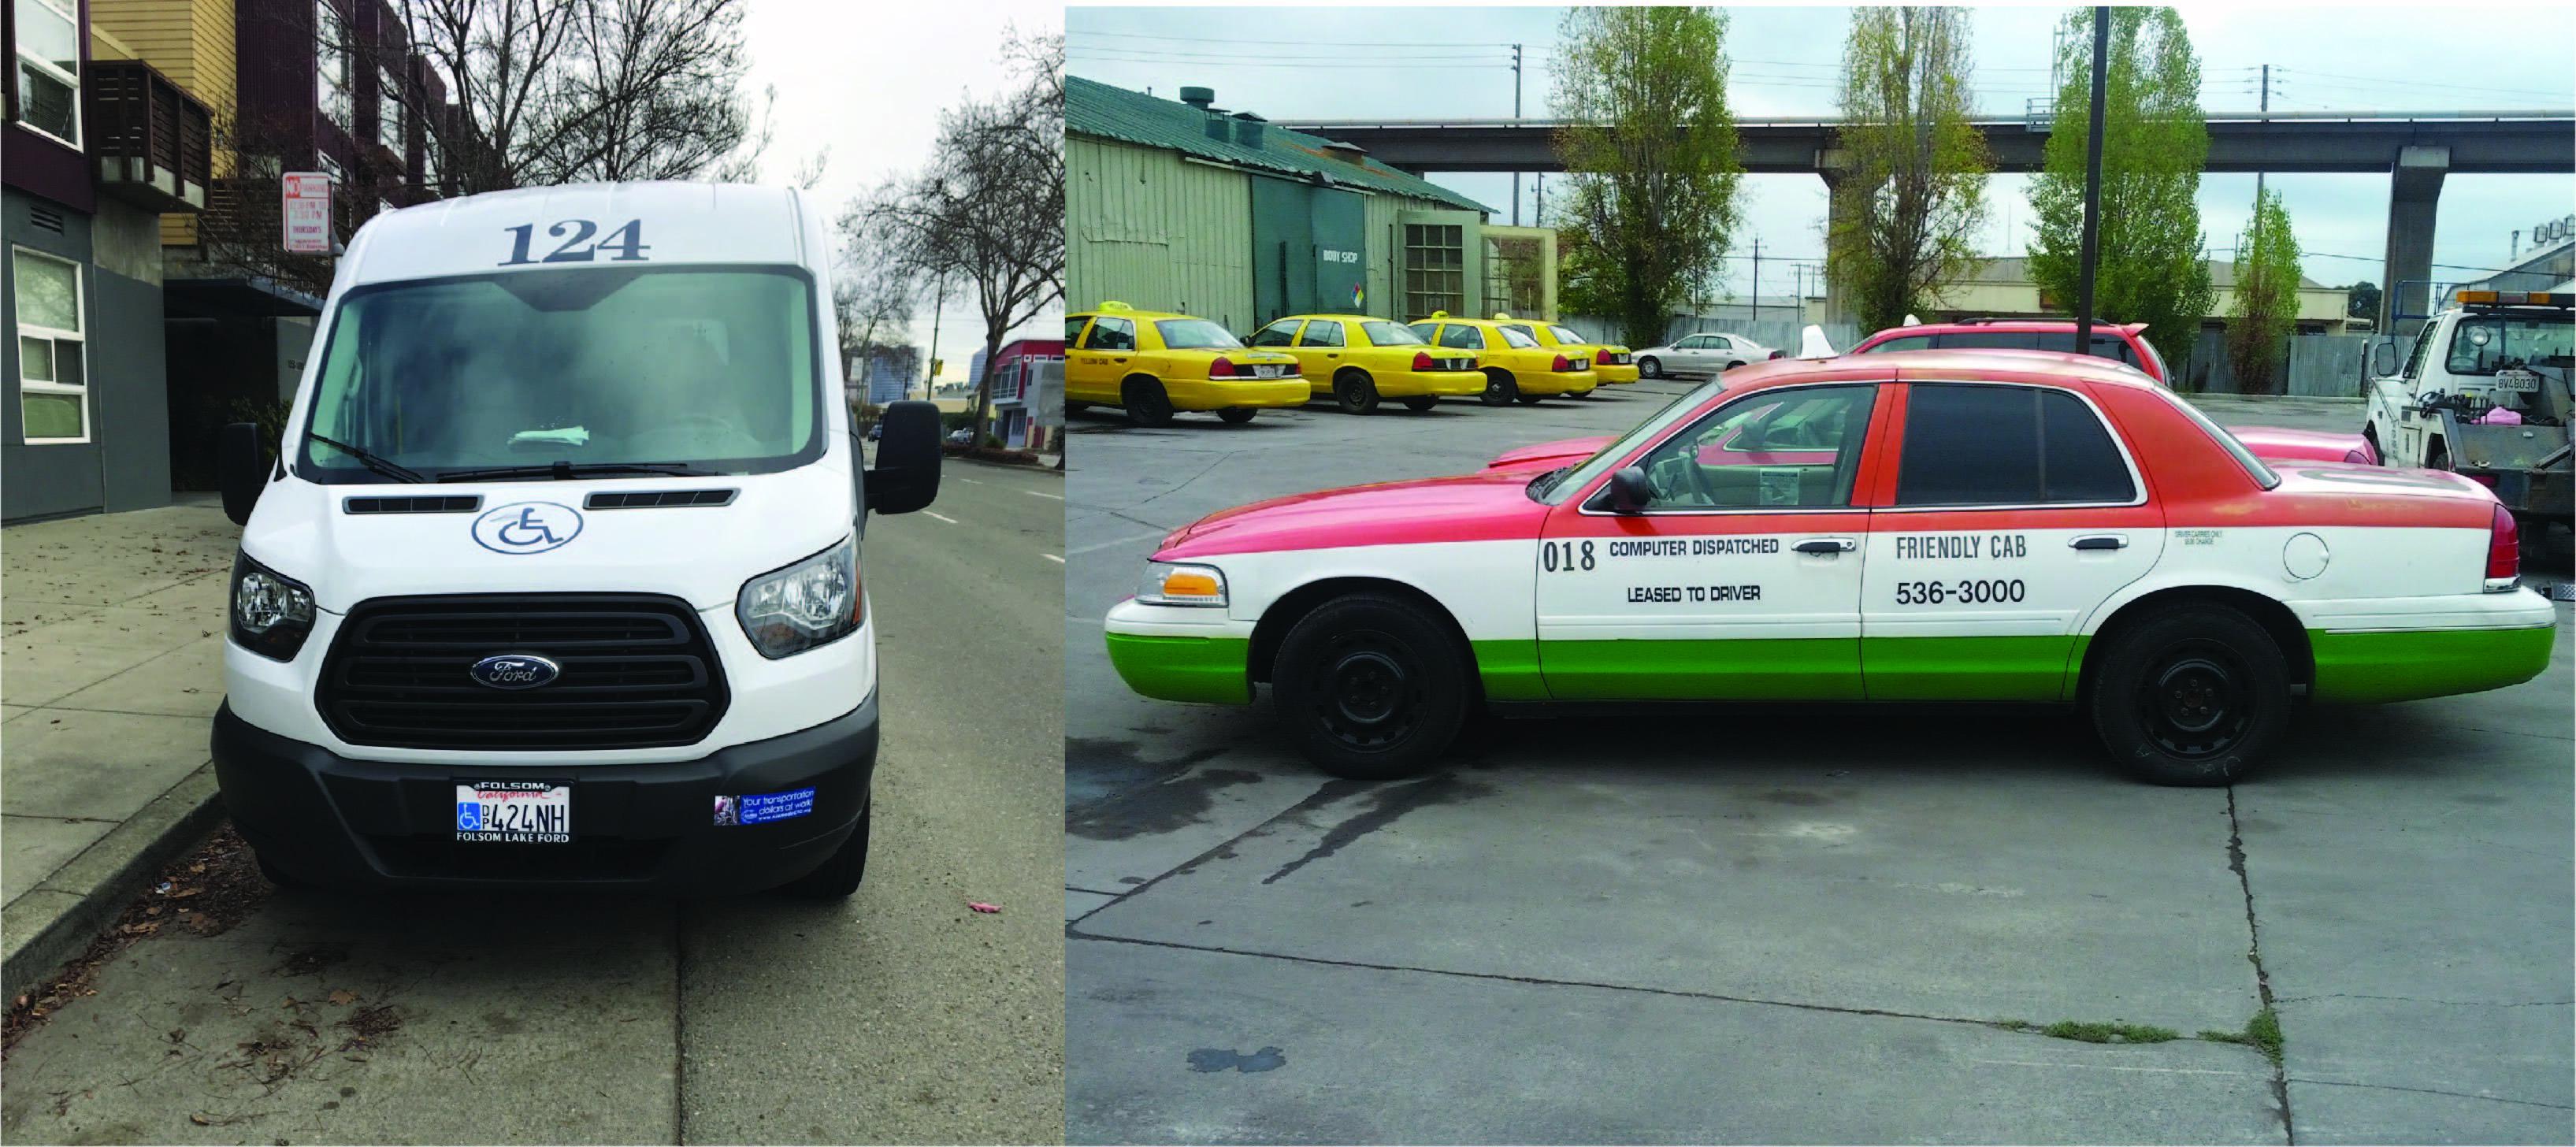 Taxivanbanner